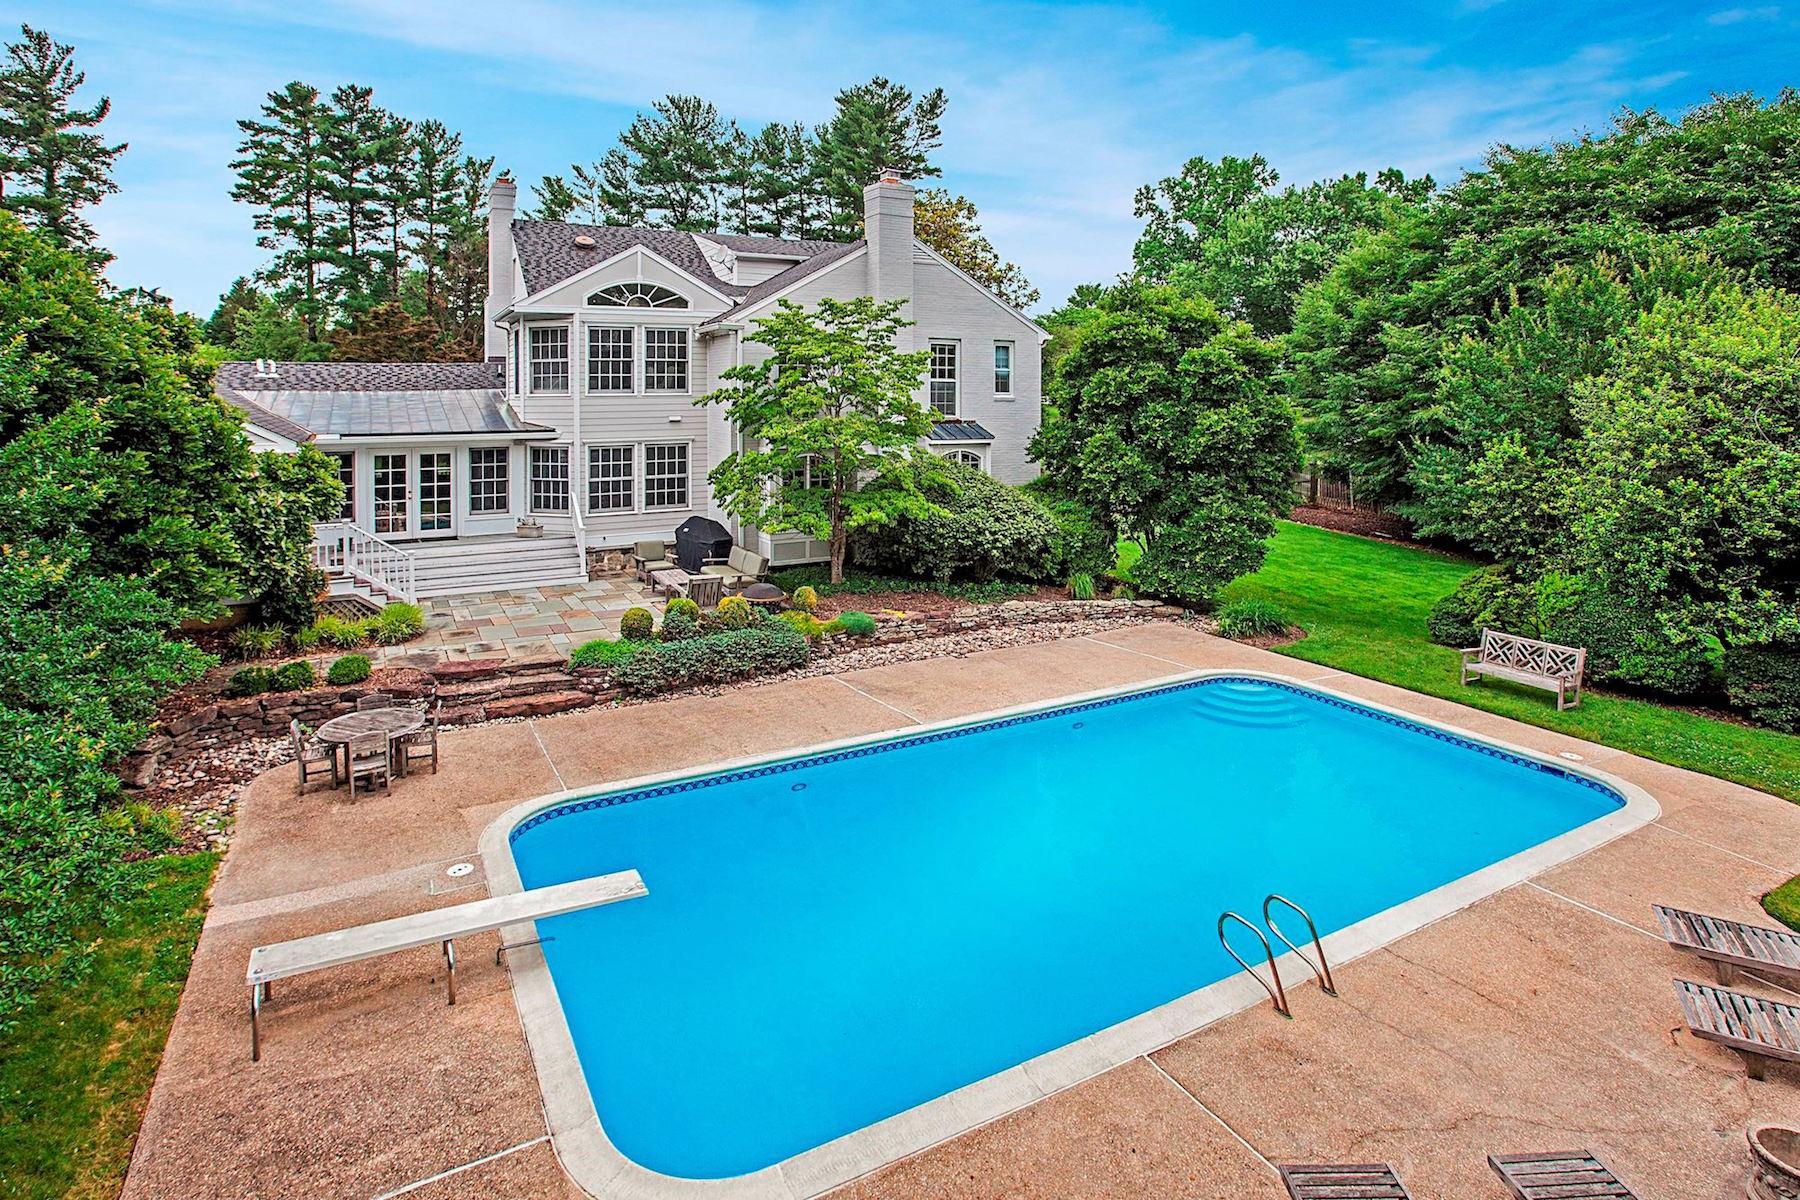 Additional photo for property listing at 8810 Saunders Lane 8810 Saunders Lane Bethesda, Maryland 20817 United States